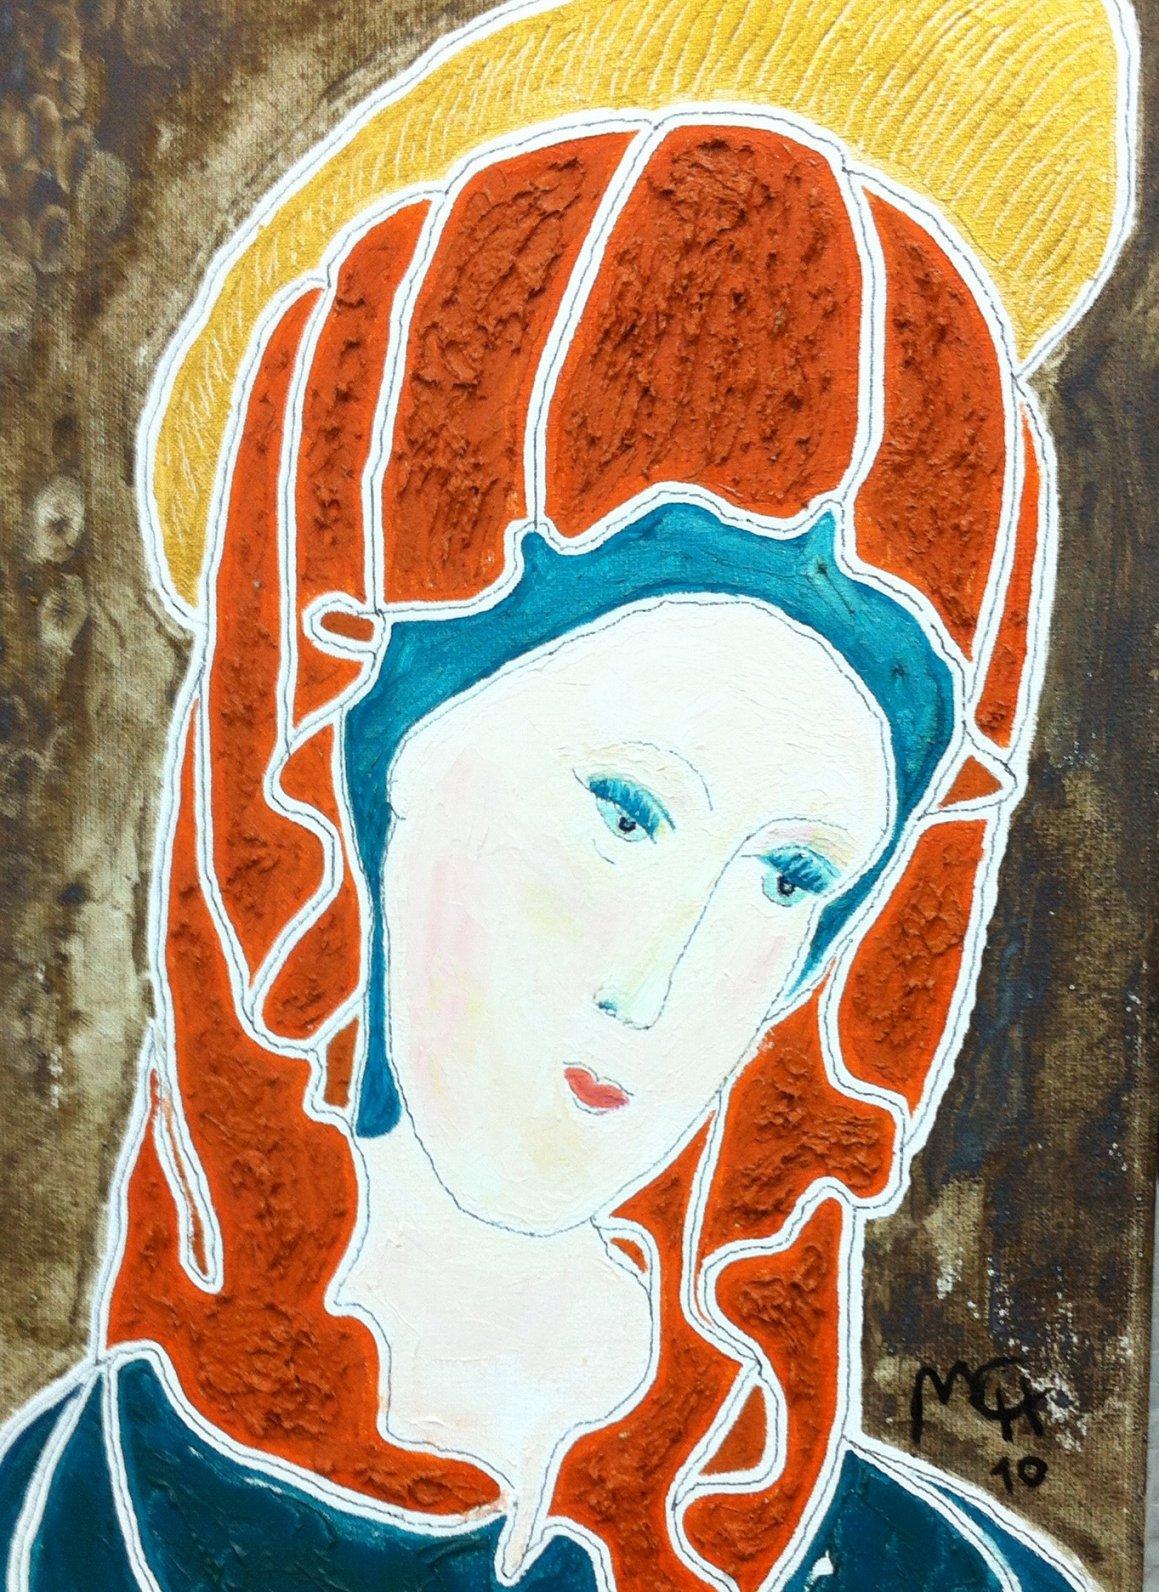 LA VIRGEN MARÍA (2008) - Mari Carmen Gómez-Herranz de Cavanna - MCH